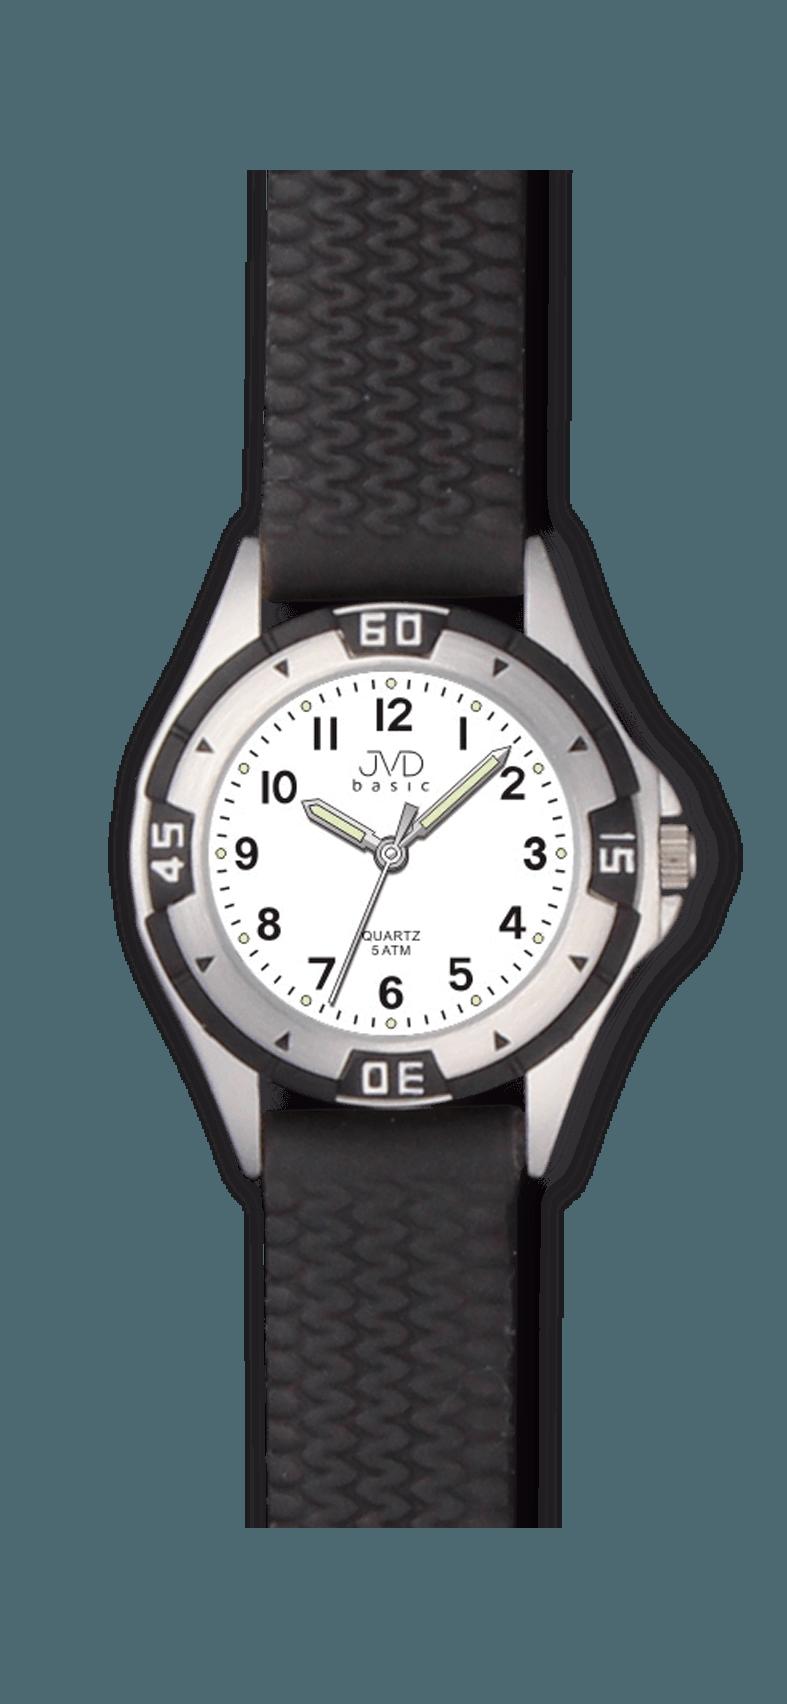 Náramkové hodinky JVD J7033.1 - cs  c6554131f80